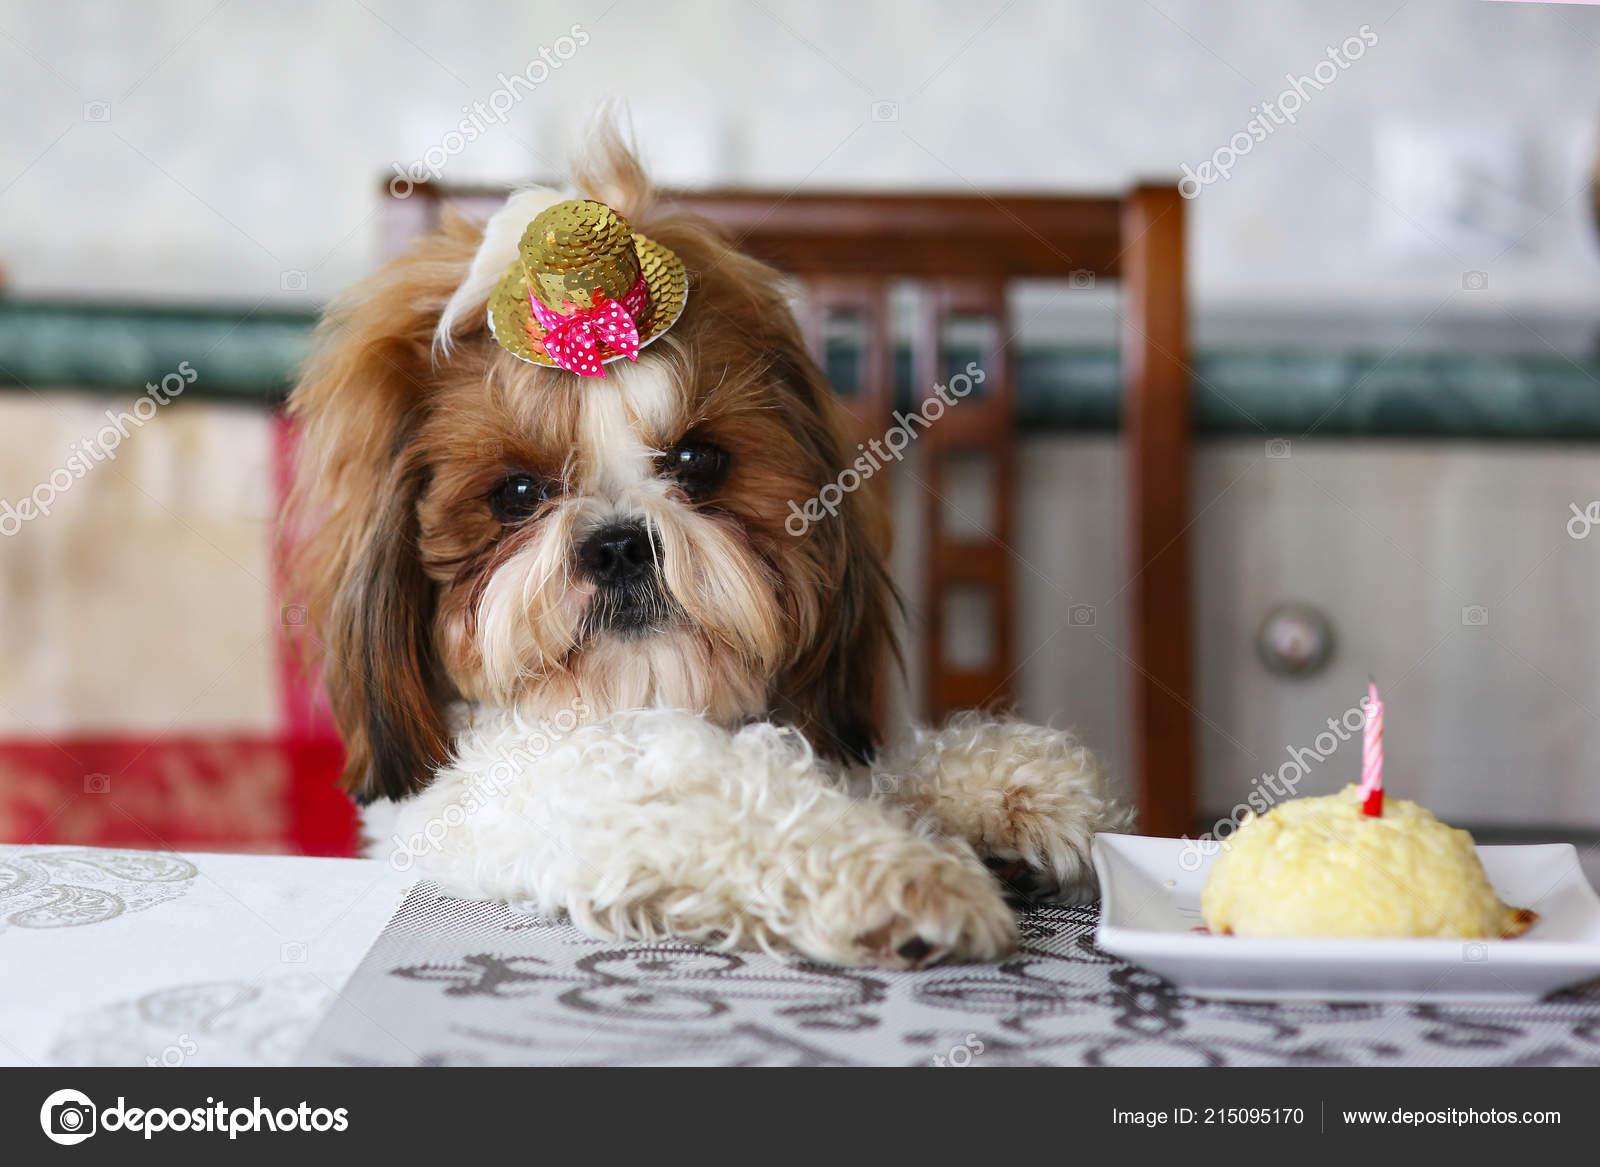 Grappige Shih Tzu Verjaardag Hond Met Taart Hoed Huis Schot